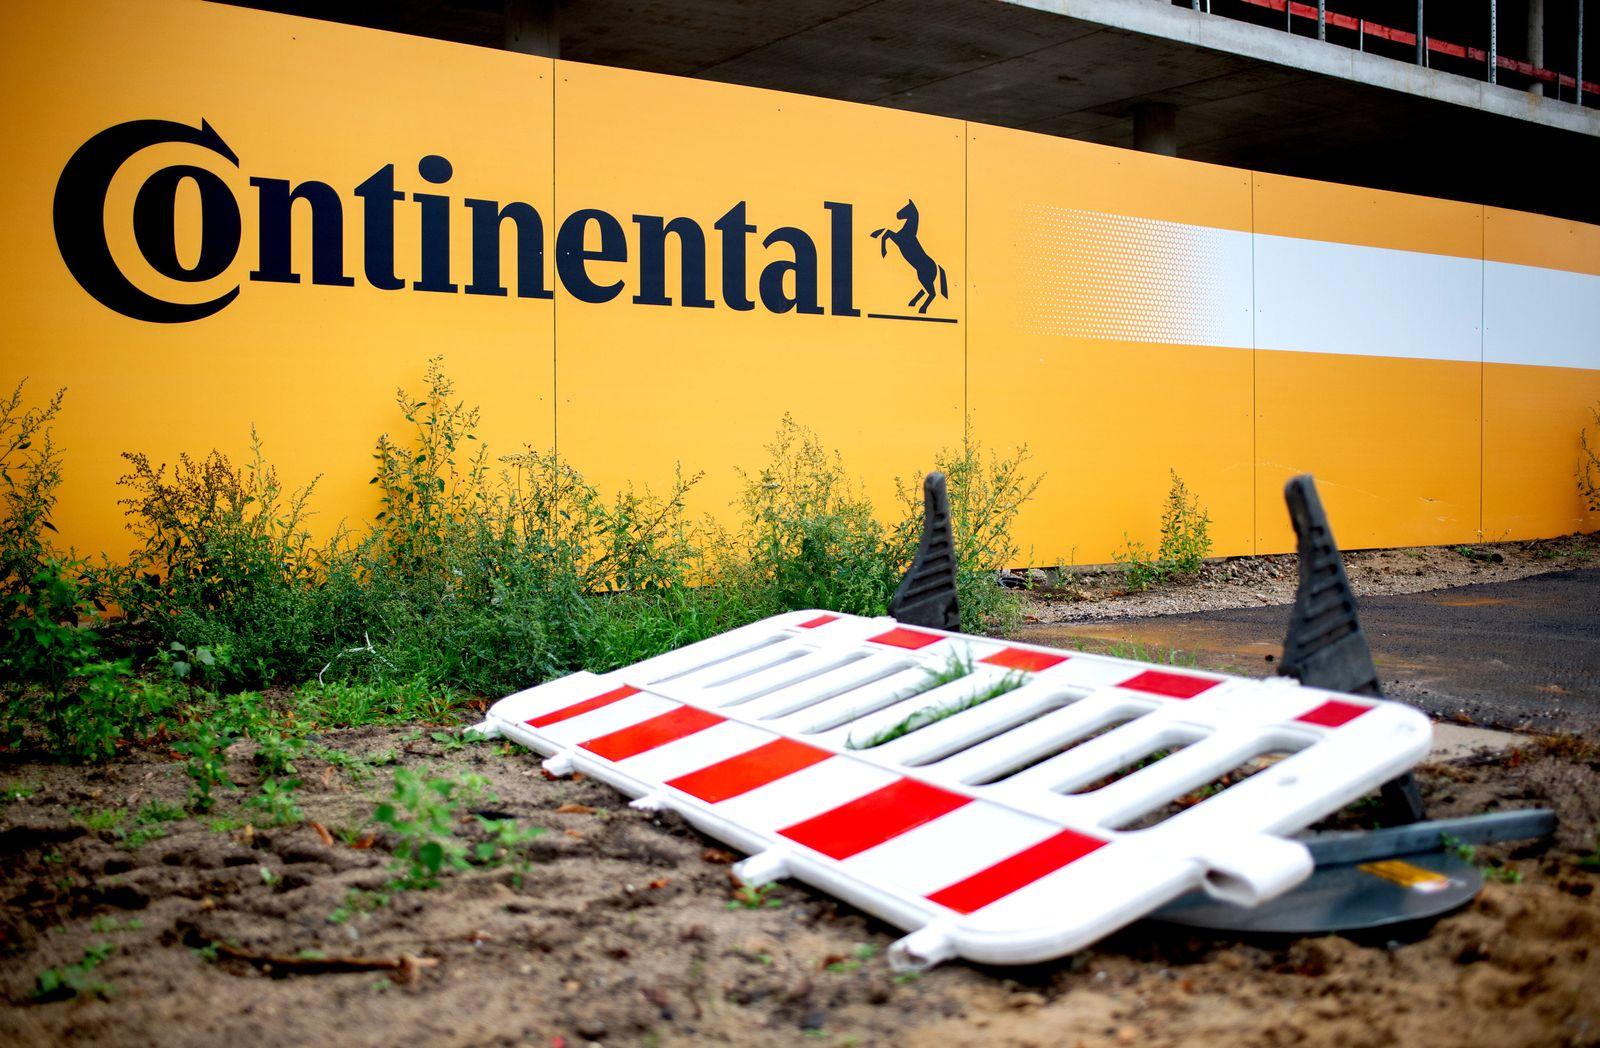 Continental - Roten Zahlen